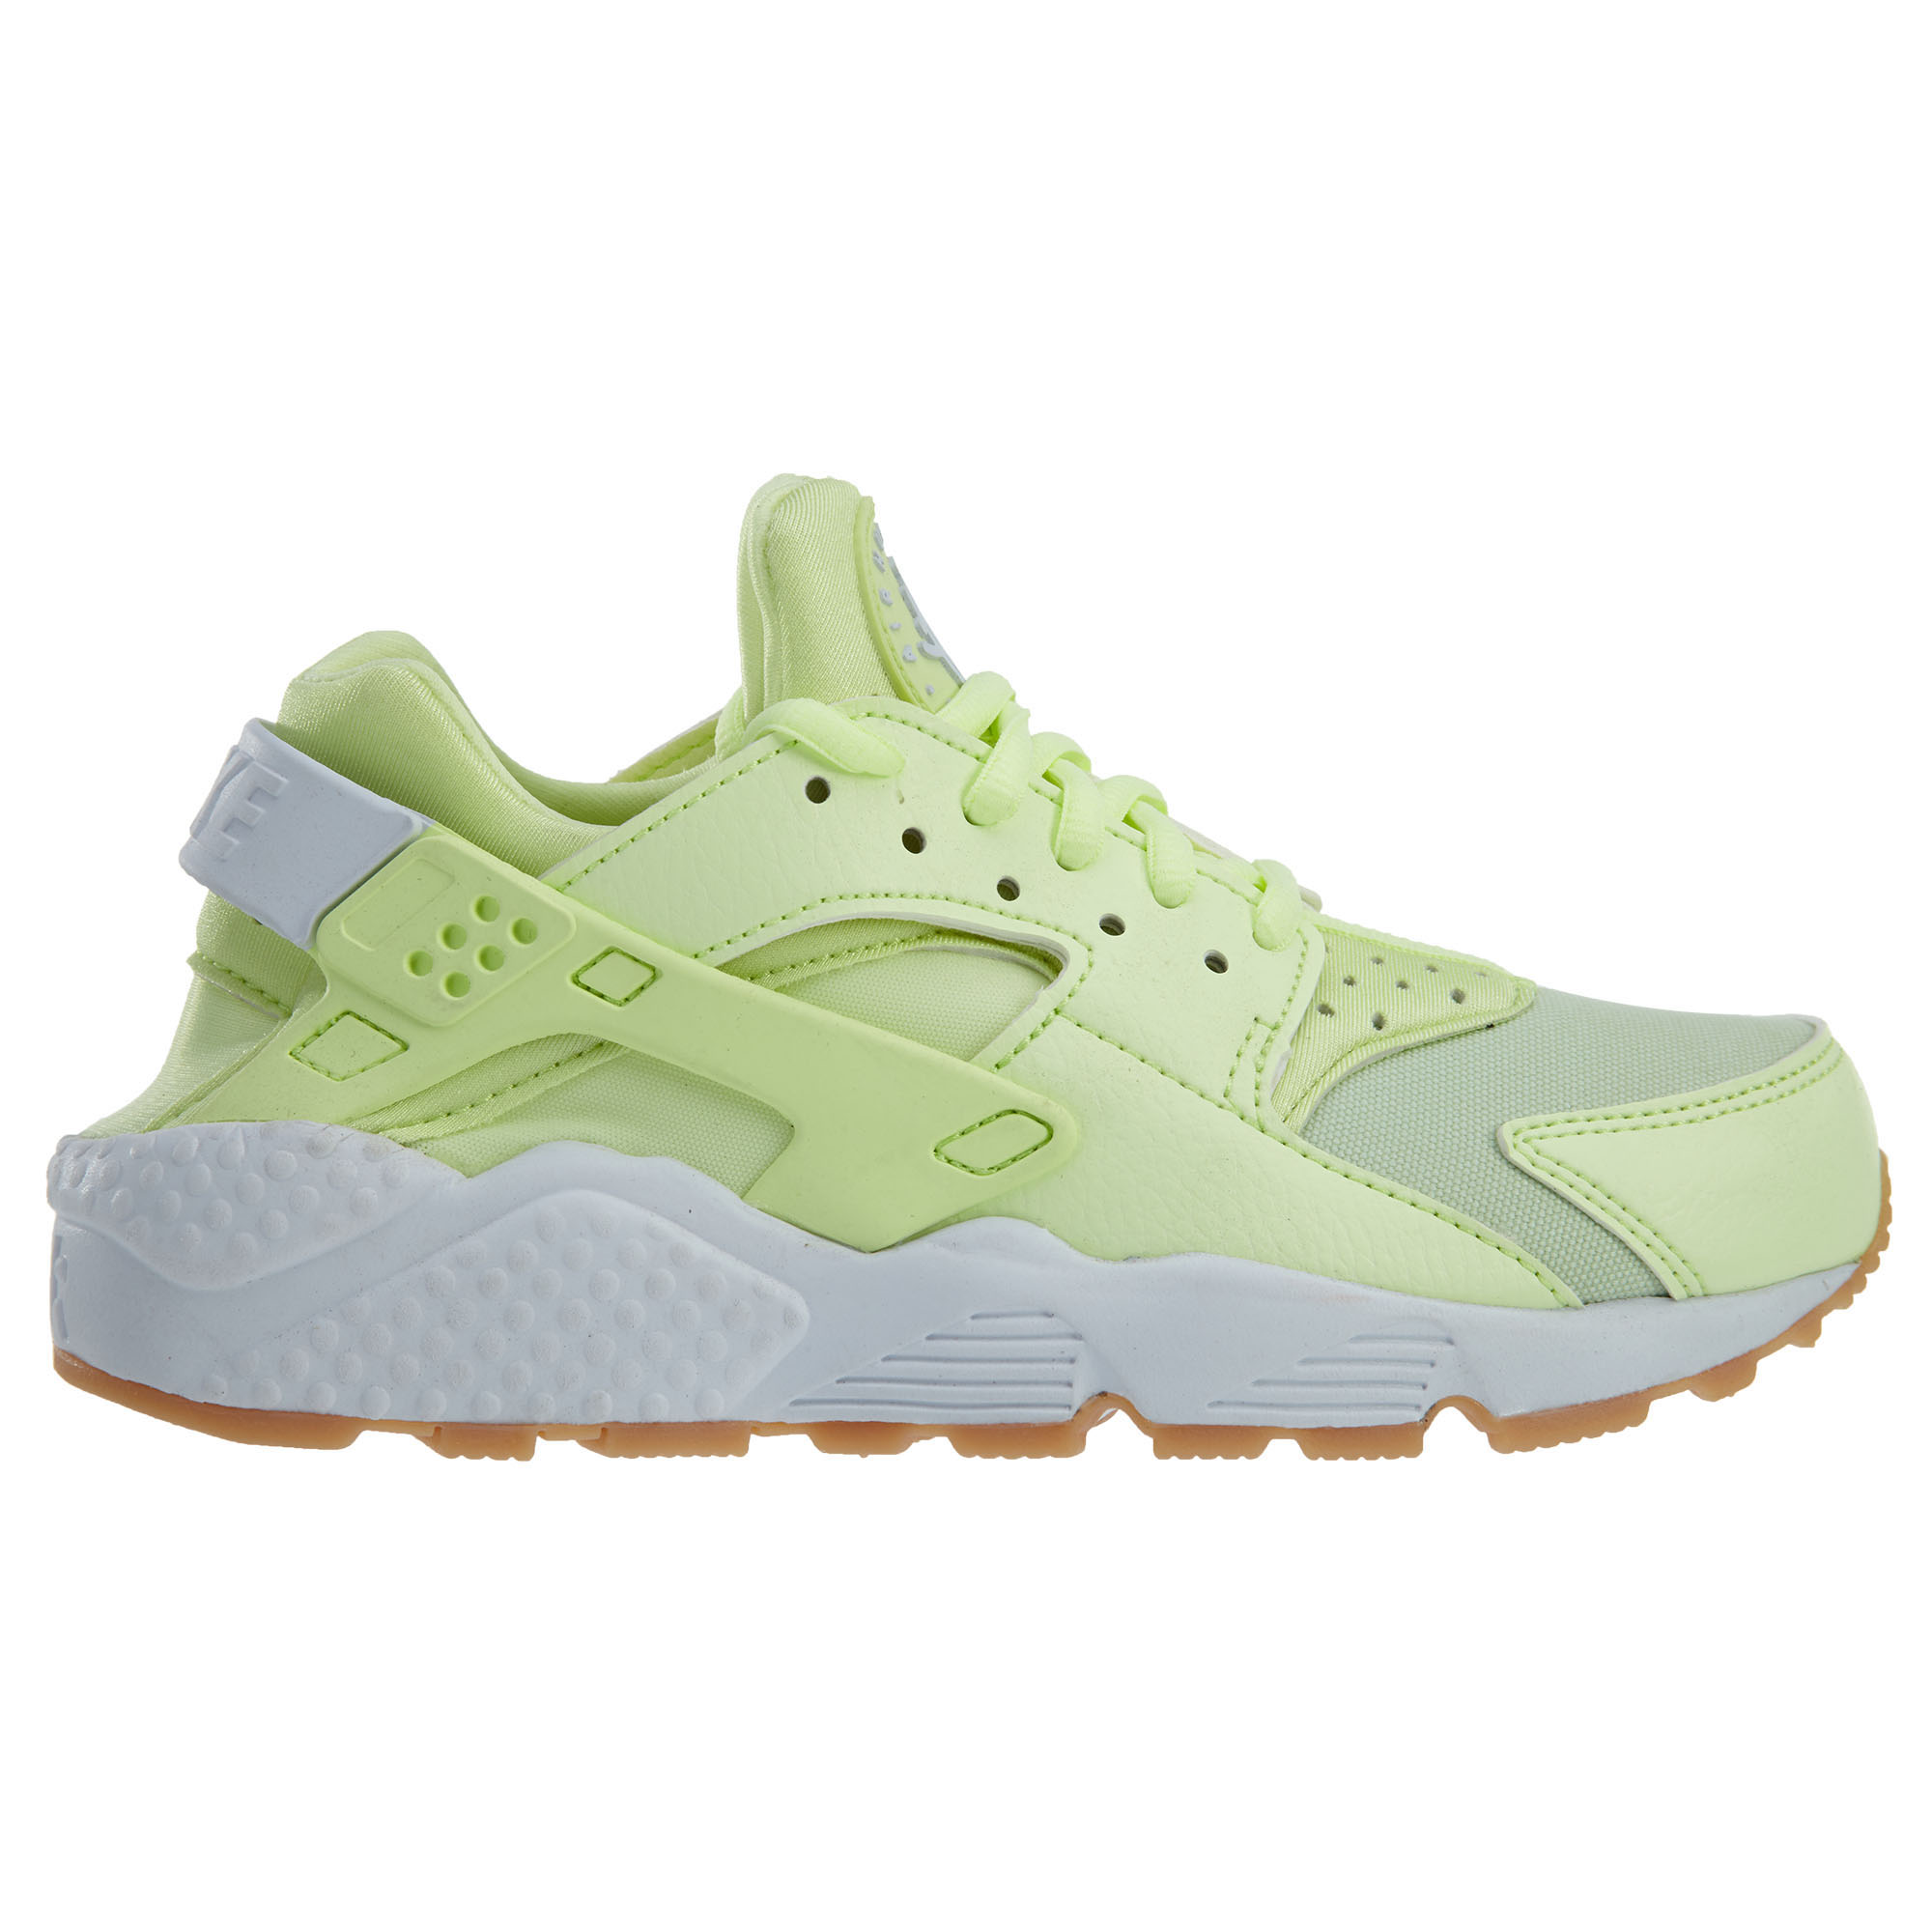 Nike Air Huarache Run Barely Volt White Gum Yellow (W)